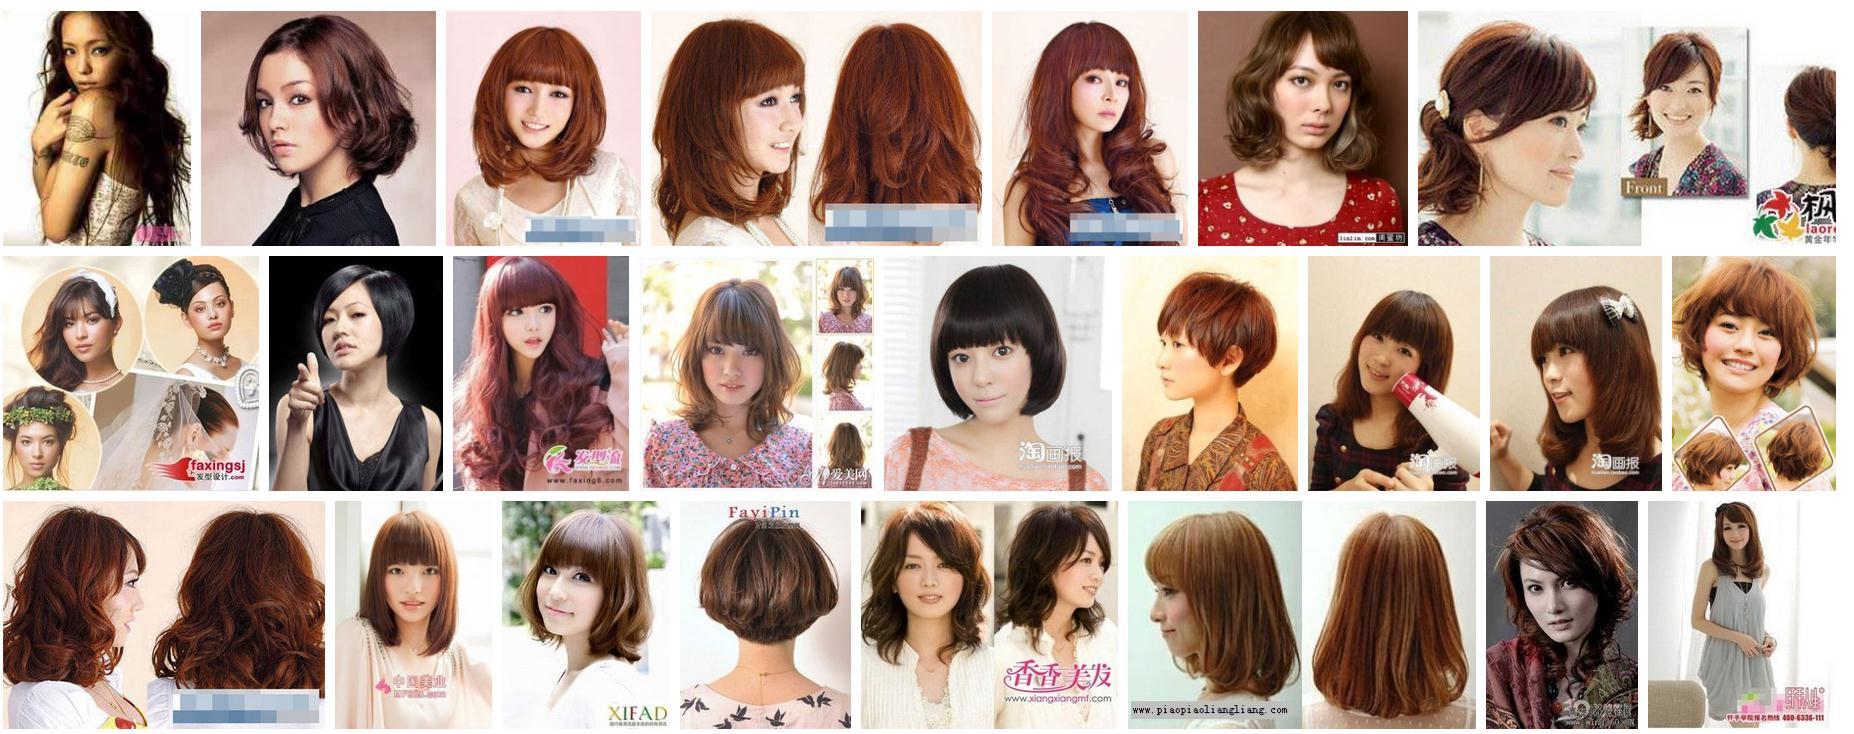 四十岁女人适合什么颜色头发和发型看图片要看lz的肤色和脸上皱纹的图片